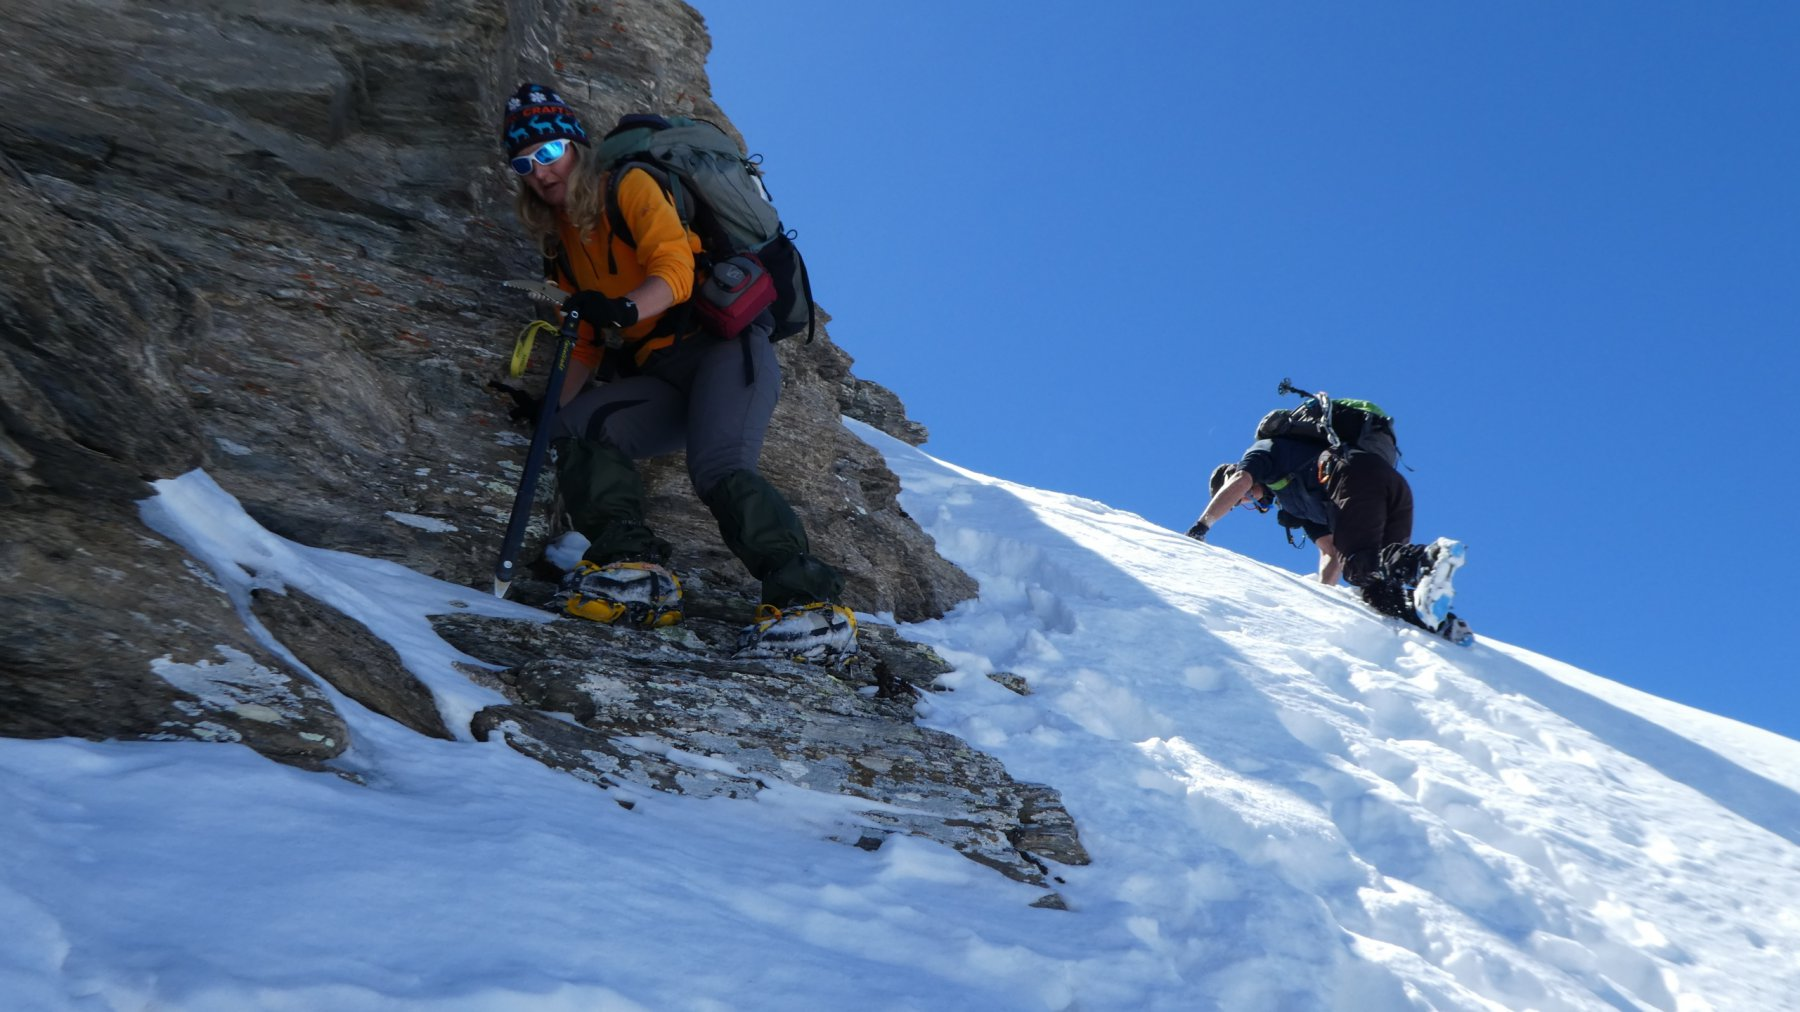 passaggio in discesa su terreno insidioso per arrivare in cima alla Valfredda